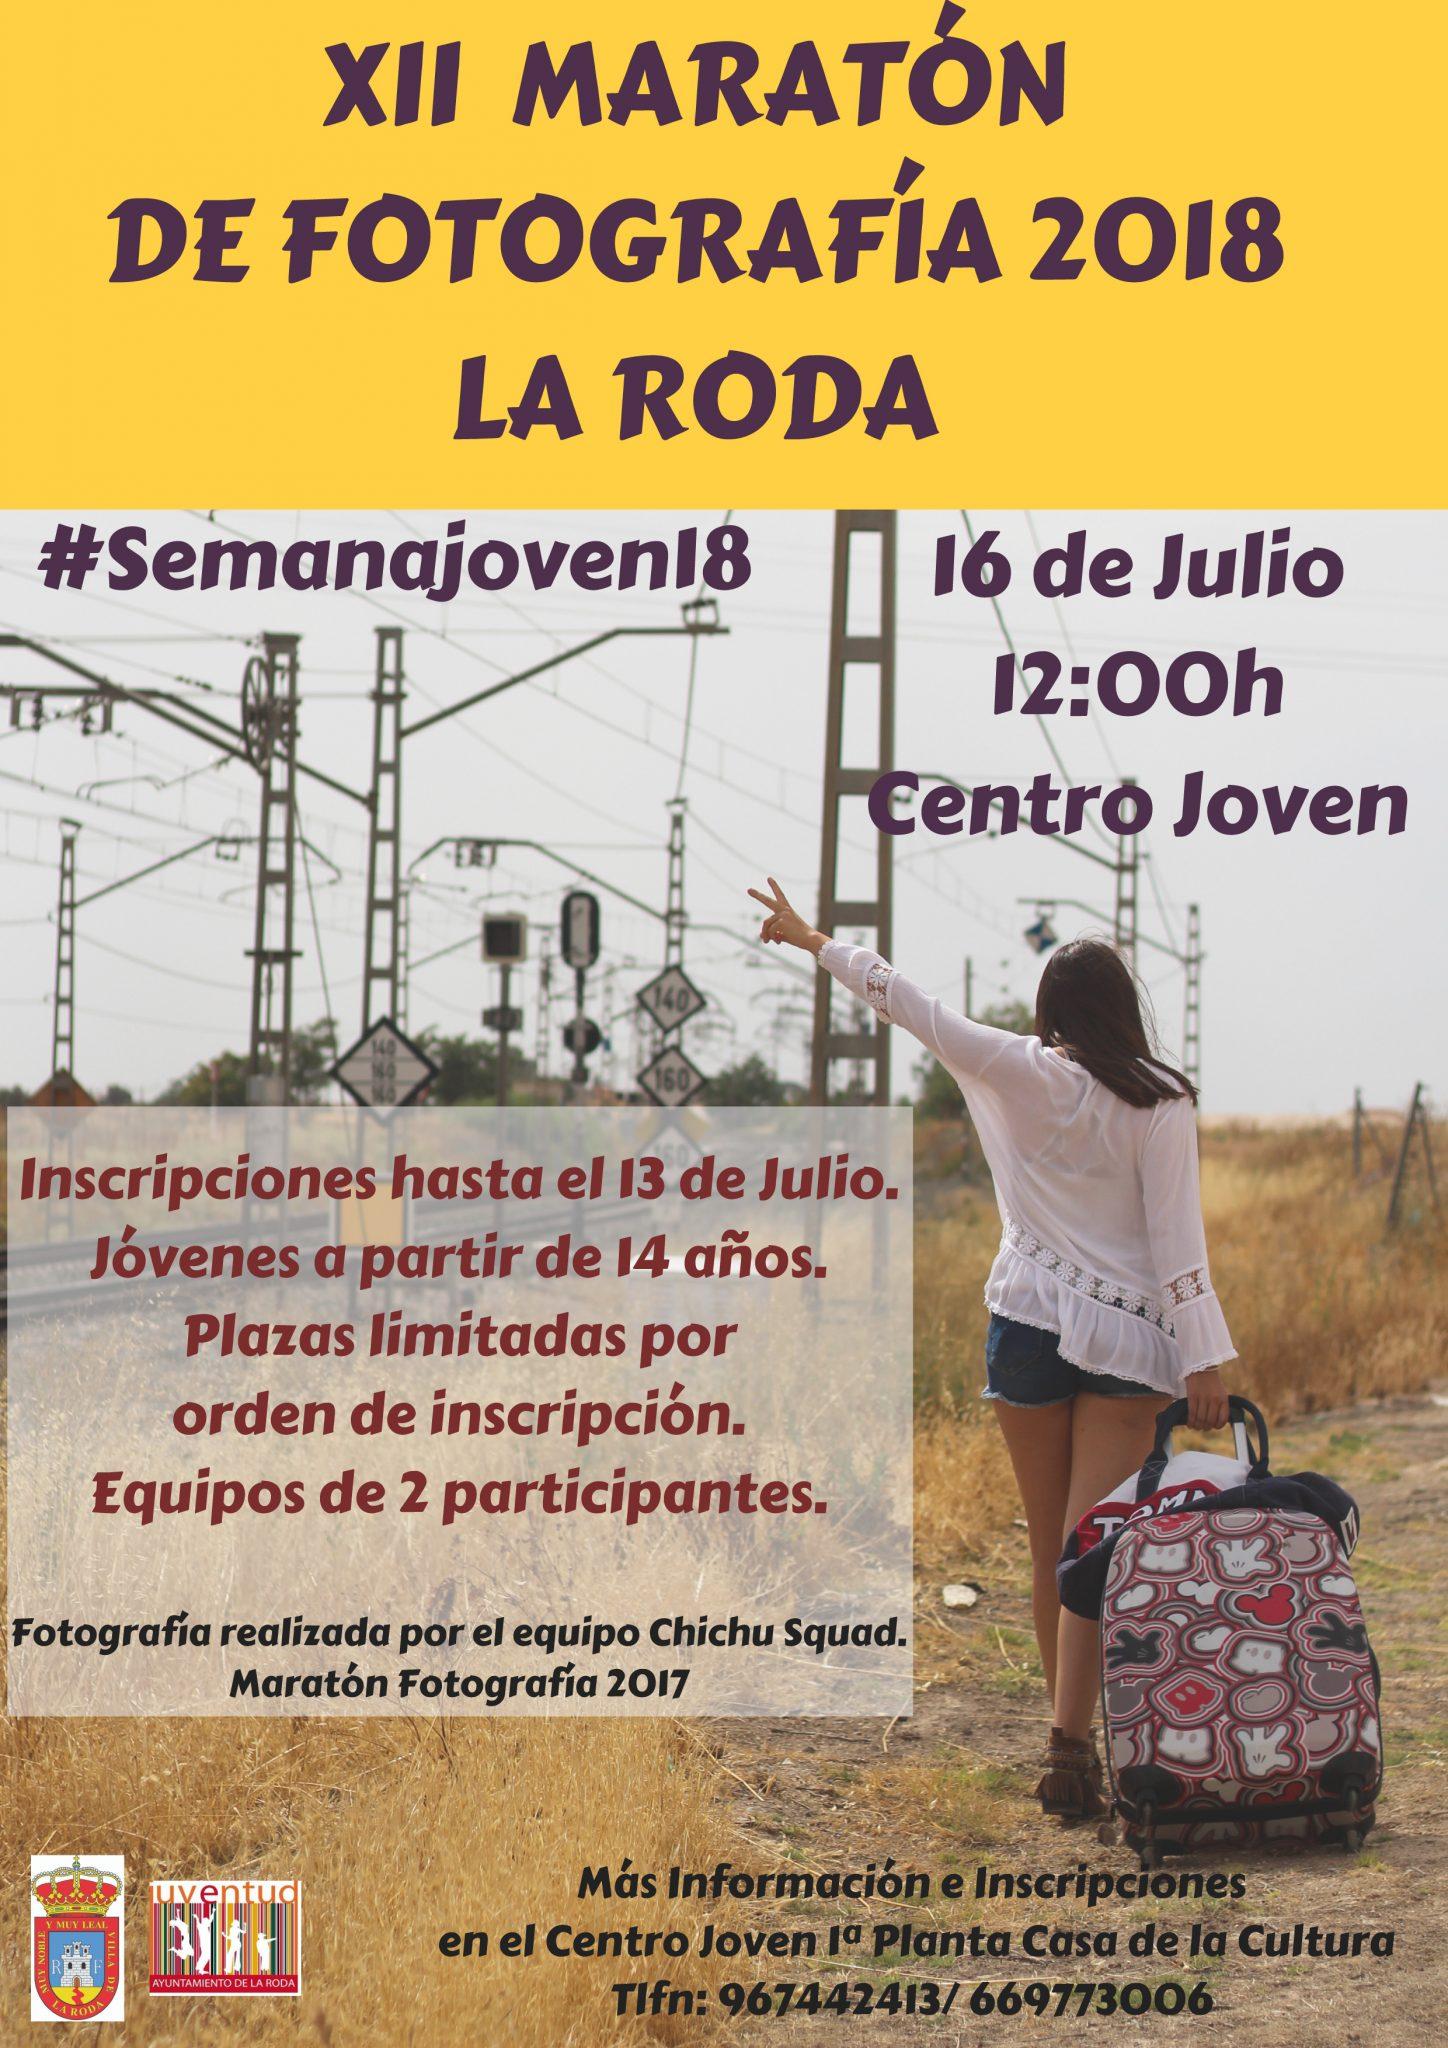 XII MARATÓN DE FOTOGRAFÍA 2018LA RODA